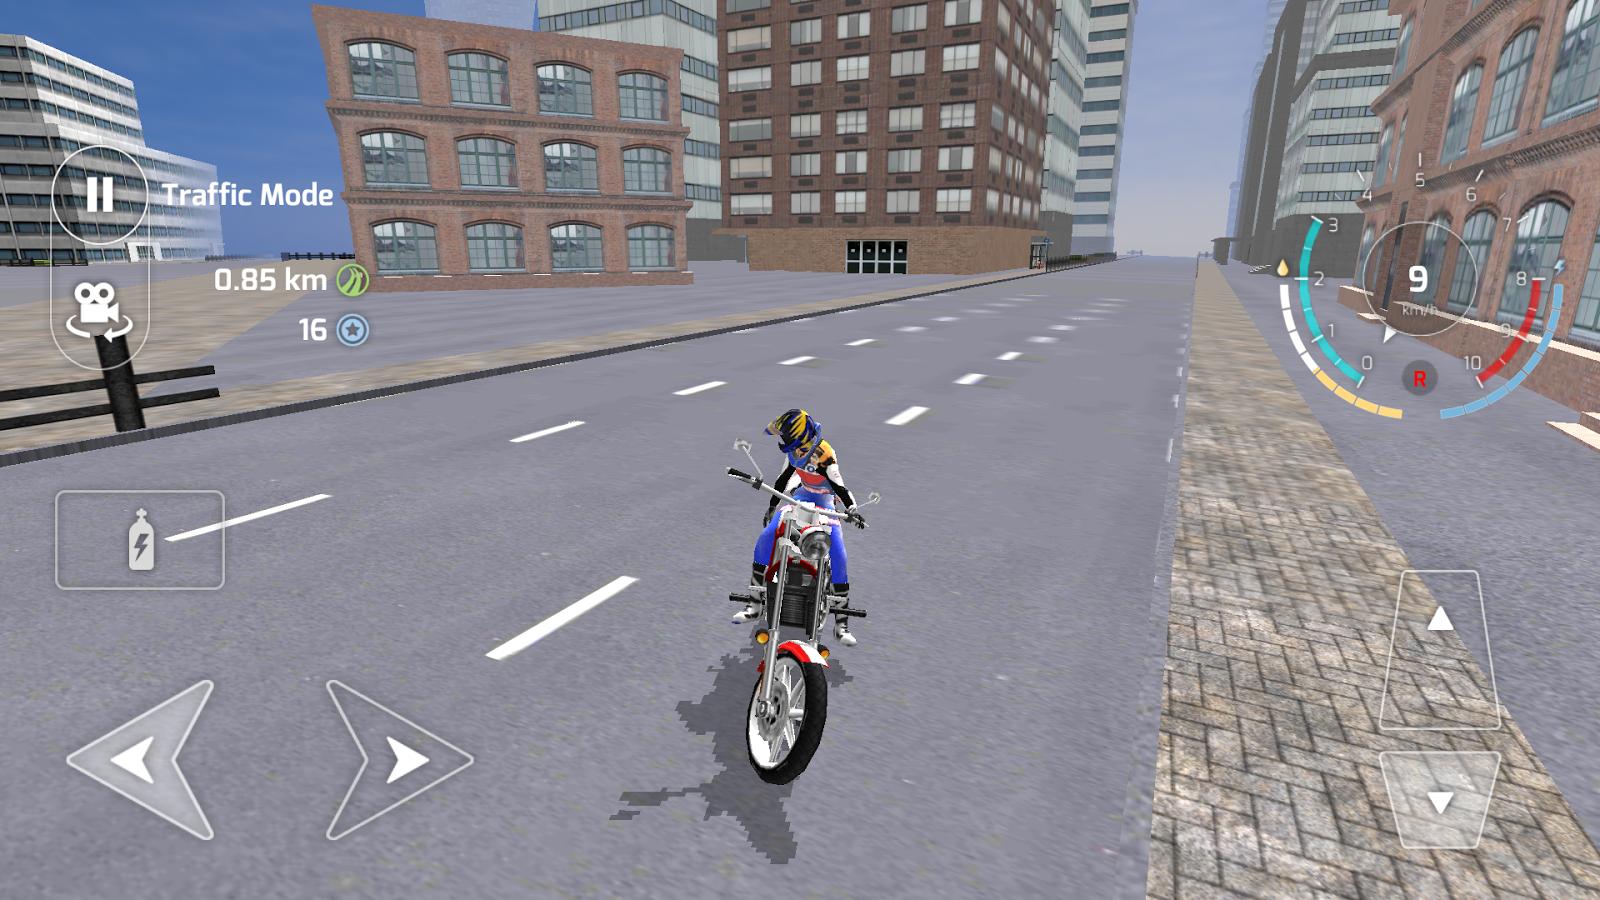 Motorbike-Driving-Simulator-3D 19